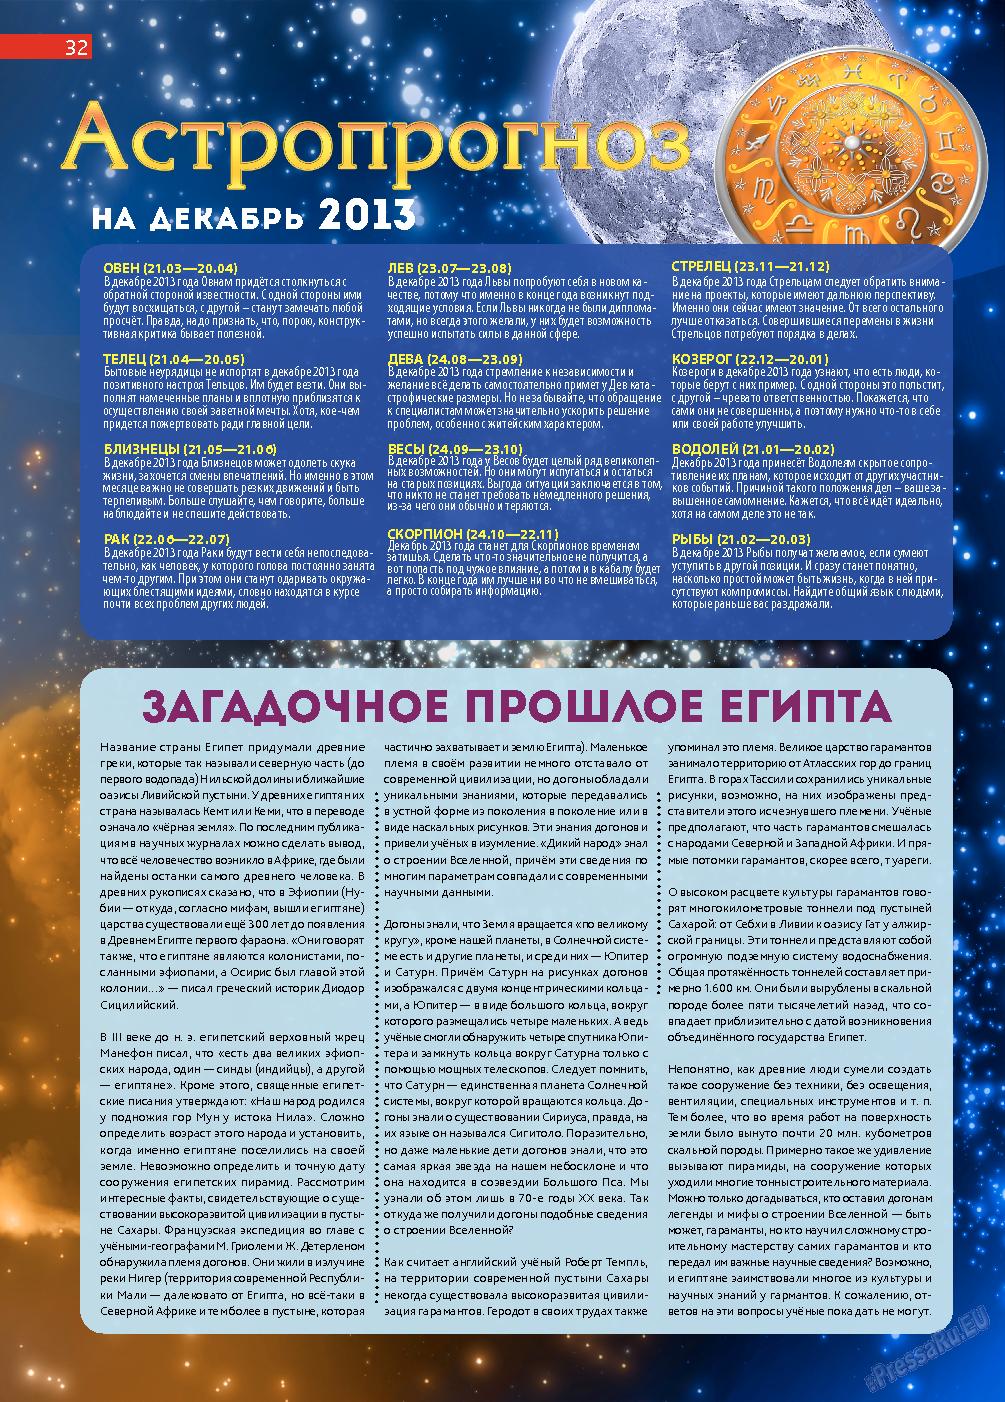 Афиша Augsburg (журнал). 2013 год, номер 12, стр. 32